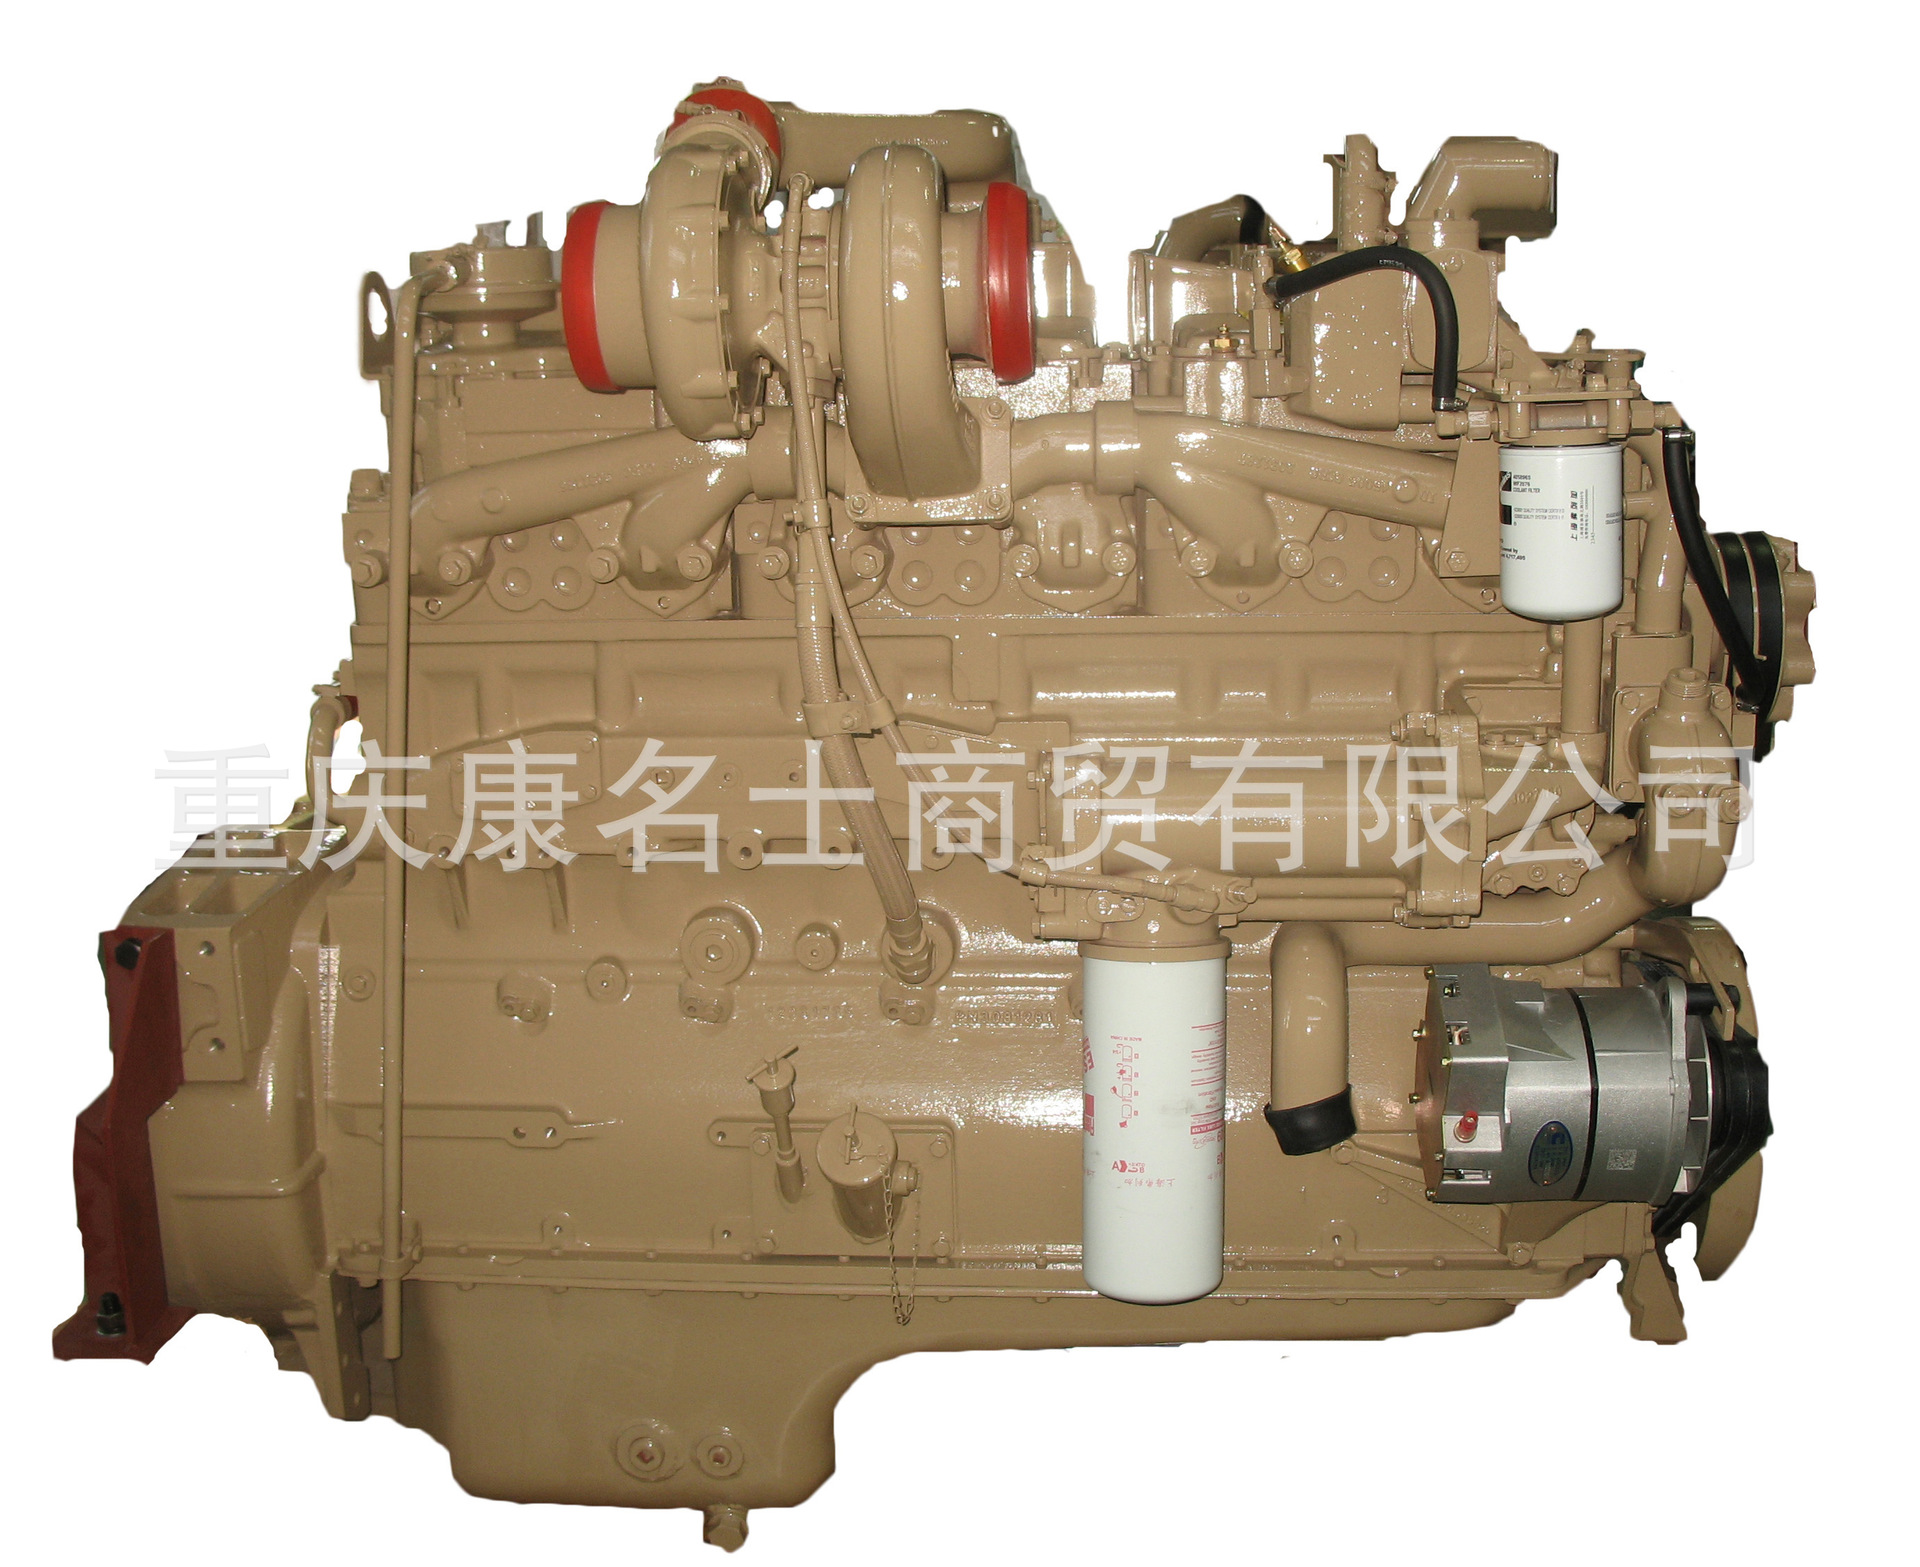 3883082康明斯噪声面板LTA10 FOR 300发动机配件厂价优惠